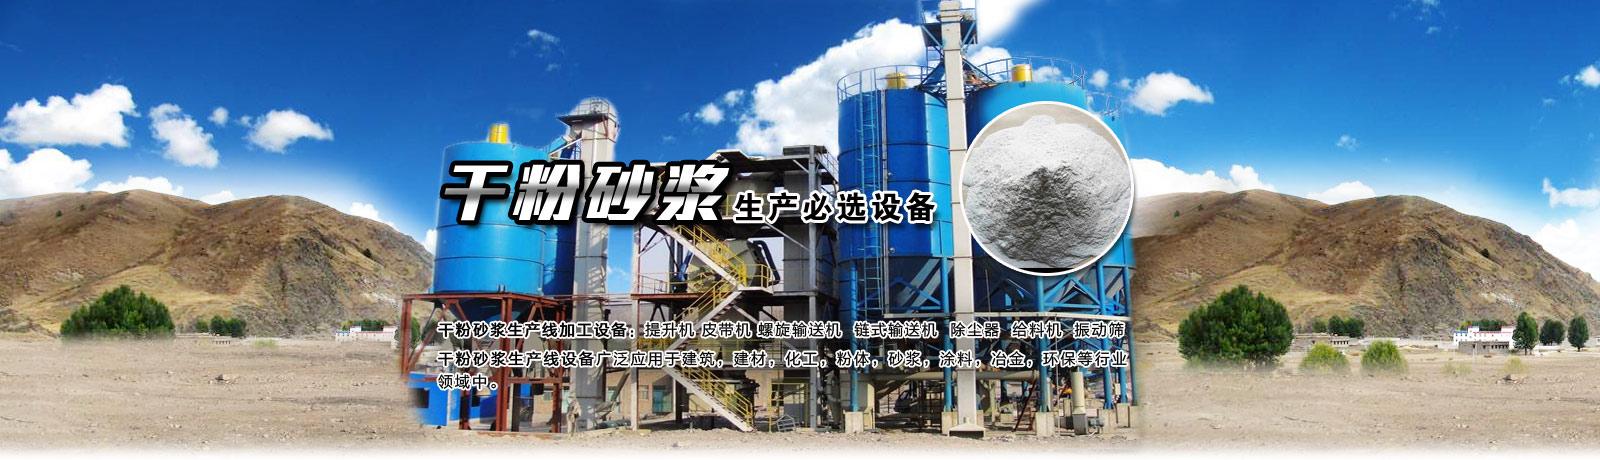 干粉砂浆生产线加工设备:斗式提升机,链式输送机,螺旋输送机,皮带输送机,袋式除尘器